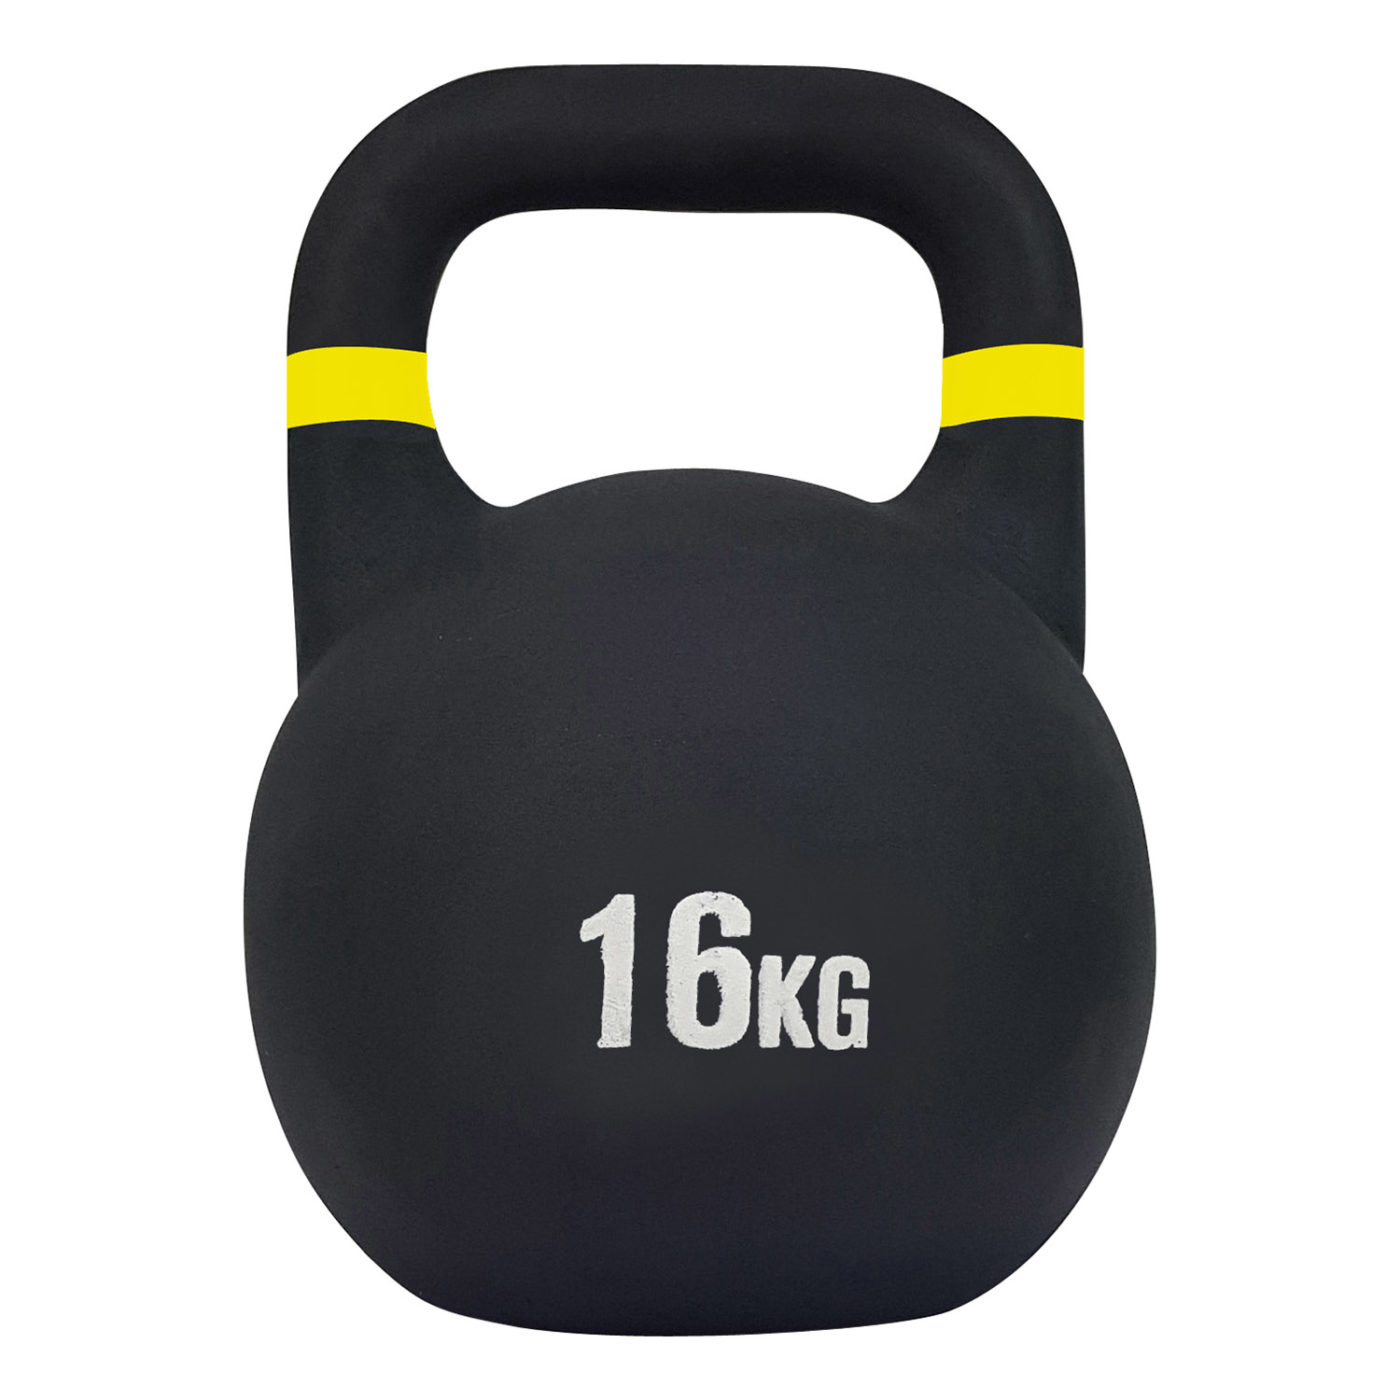 Tunturi Profesionele Kettlebell - 16kg